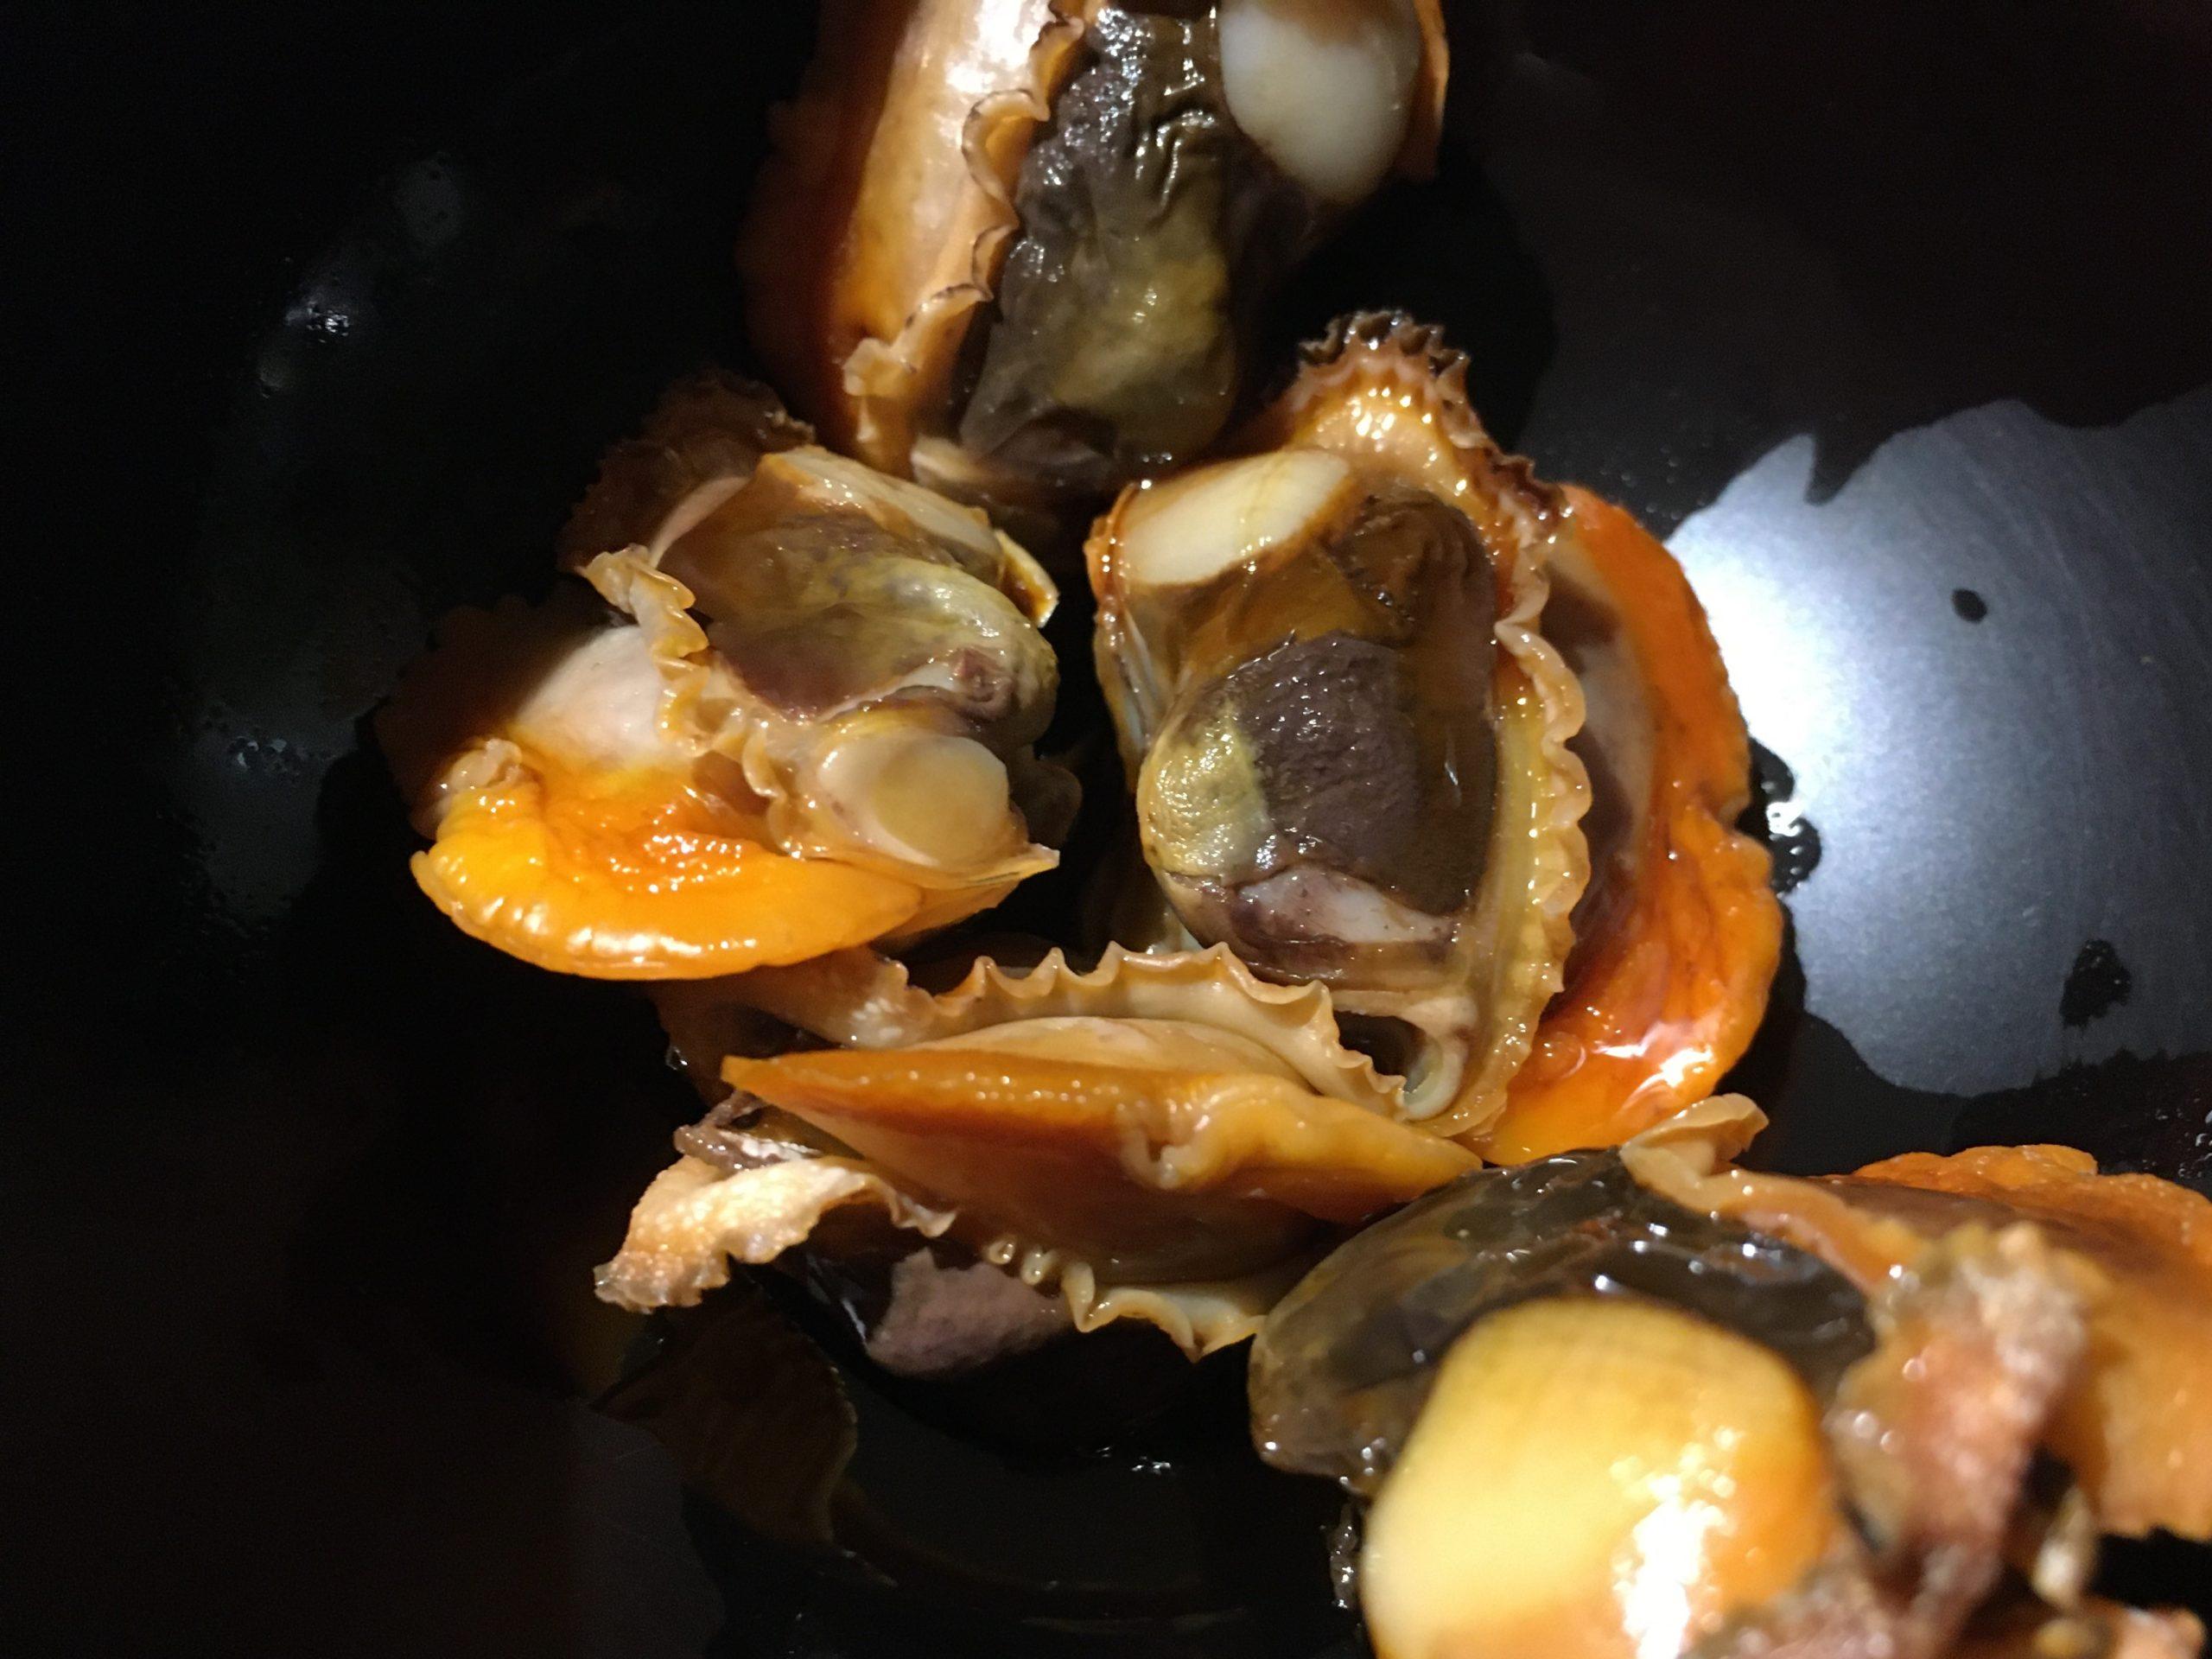 赤貝をわさび醬油で食べた